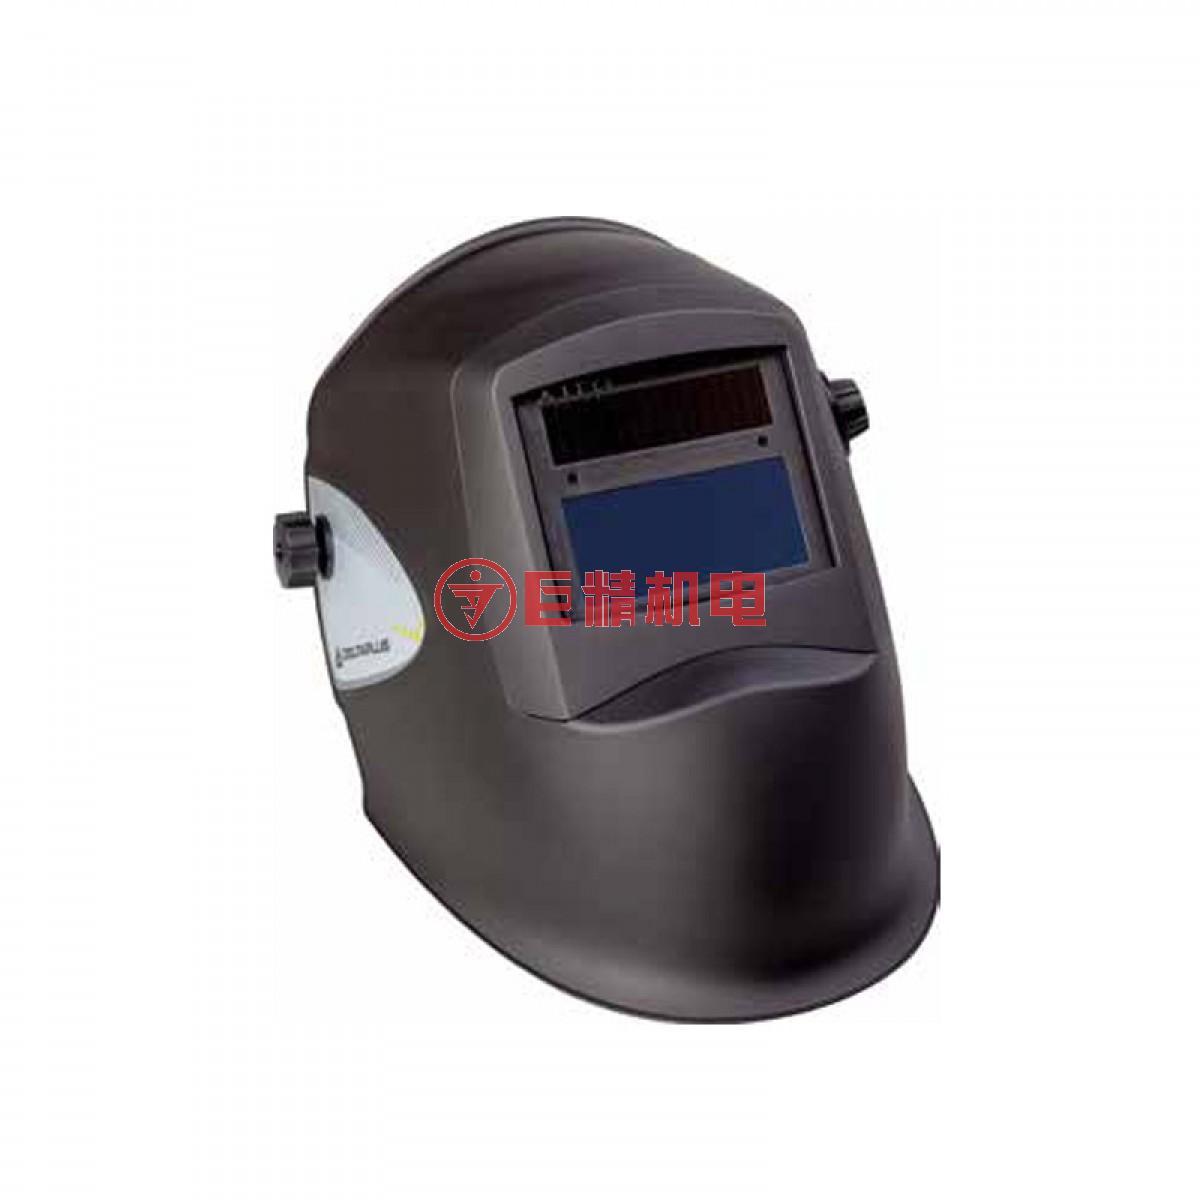 代尔塔电弧焊头盔101132